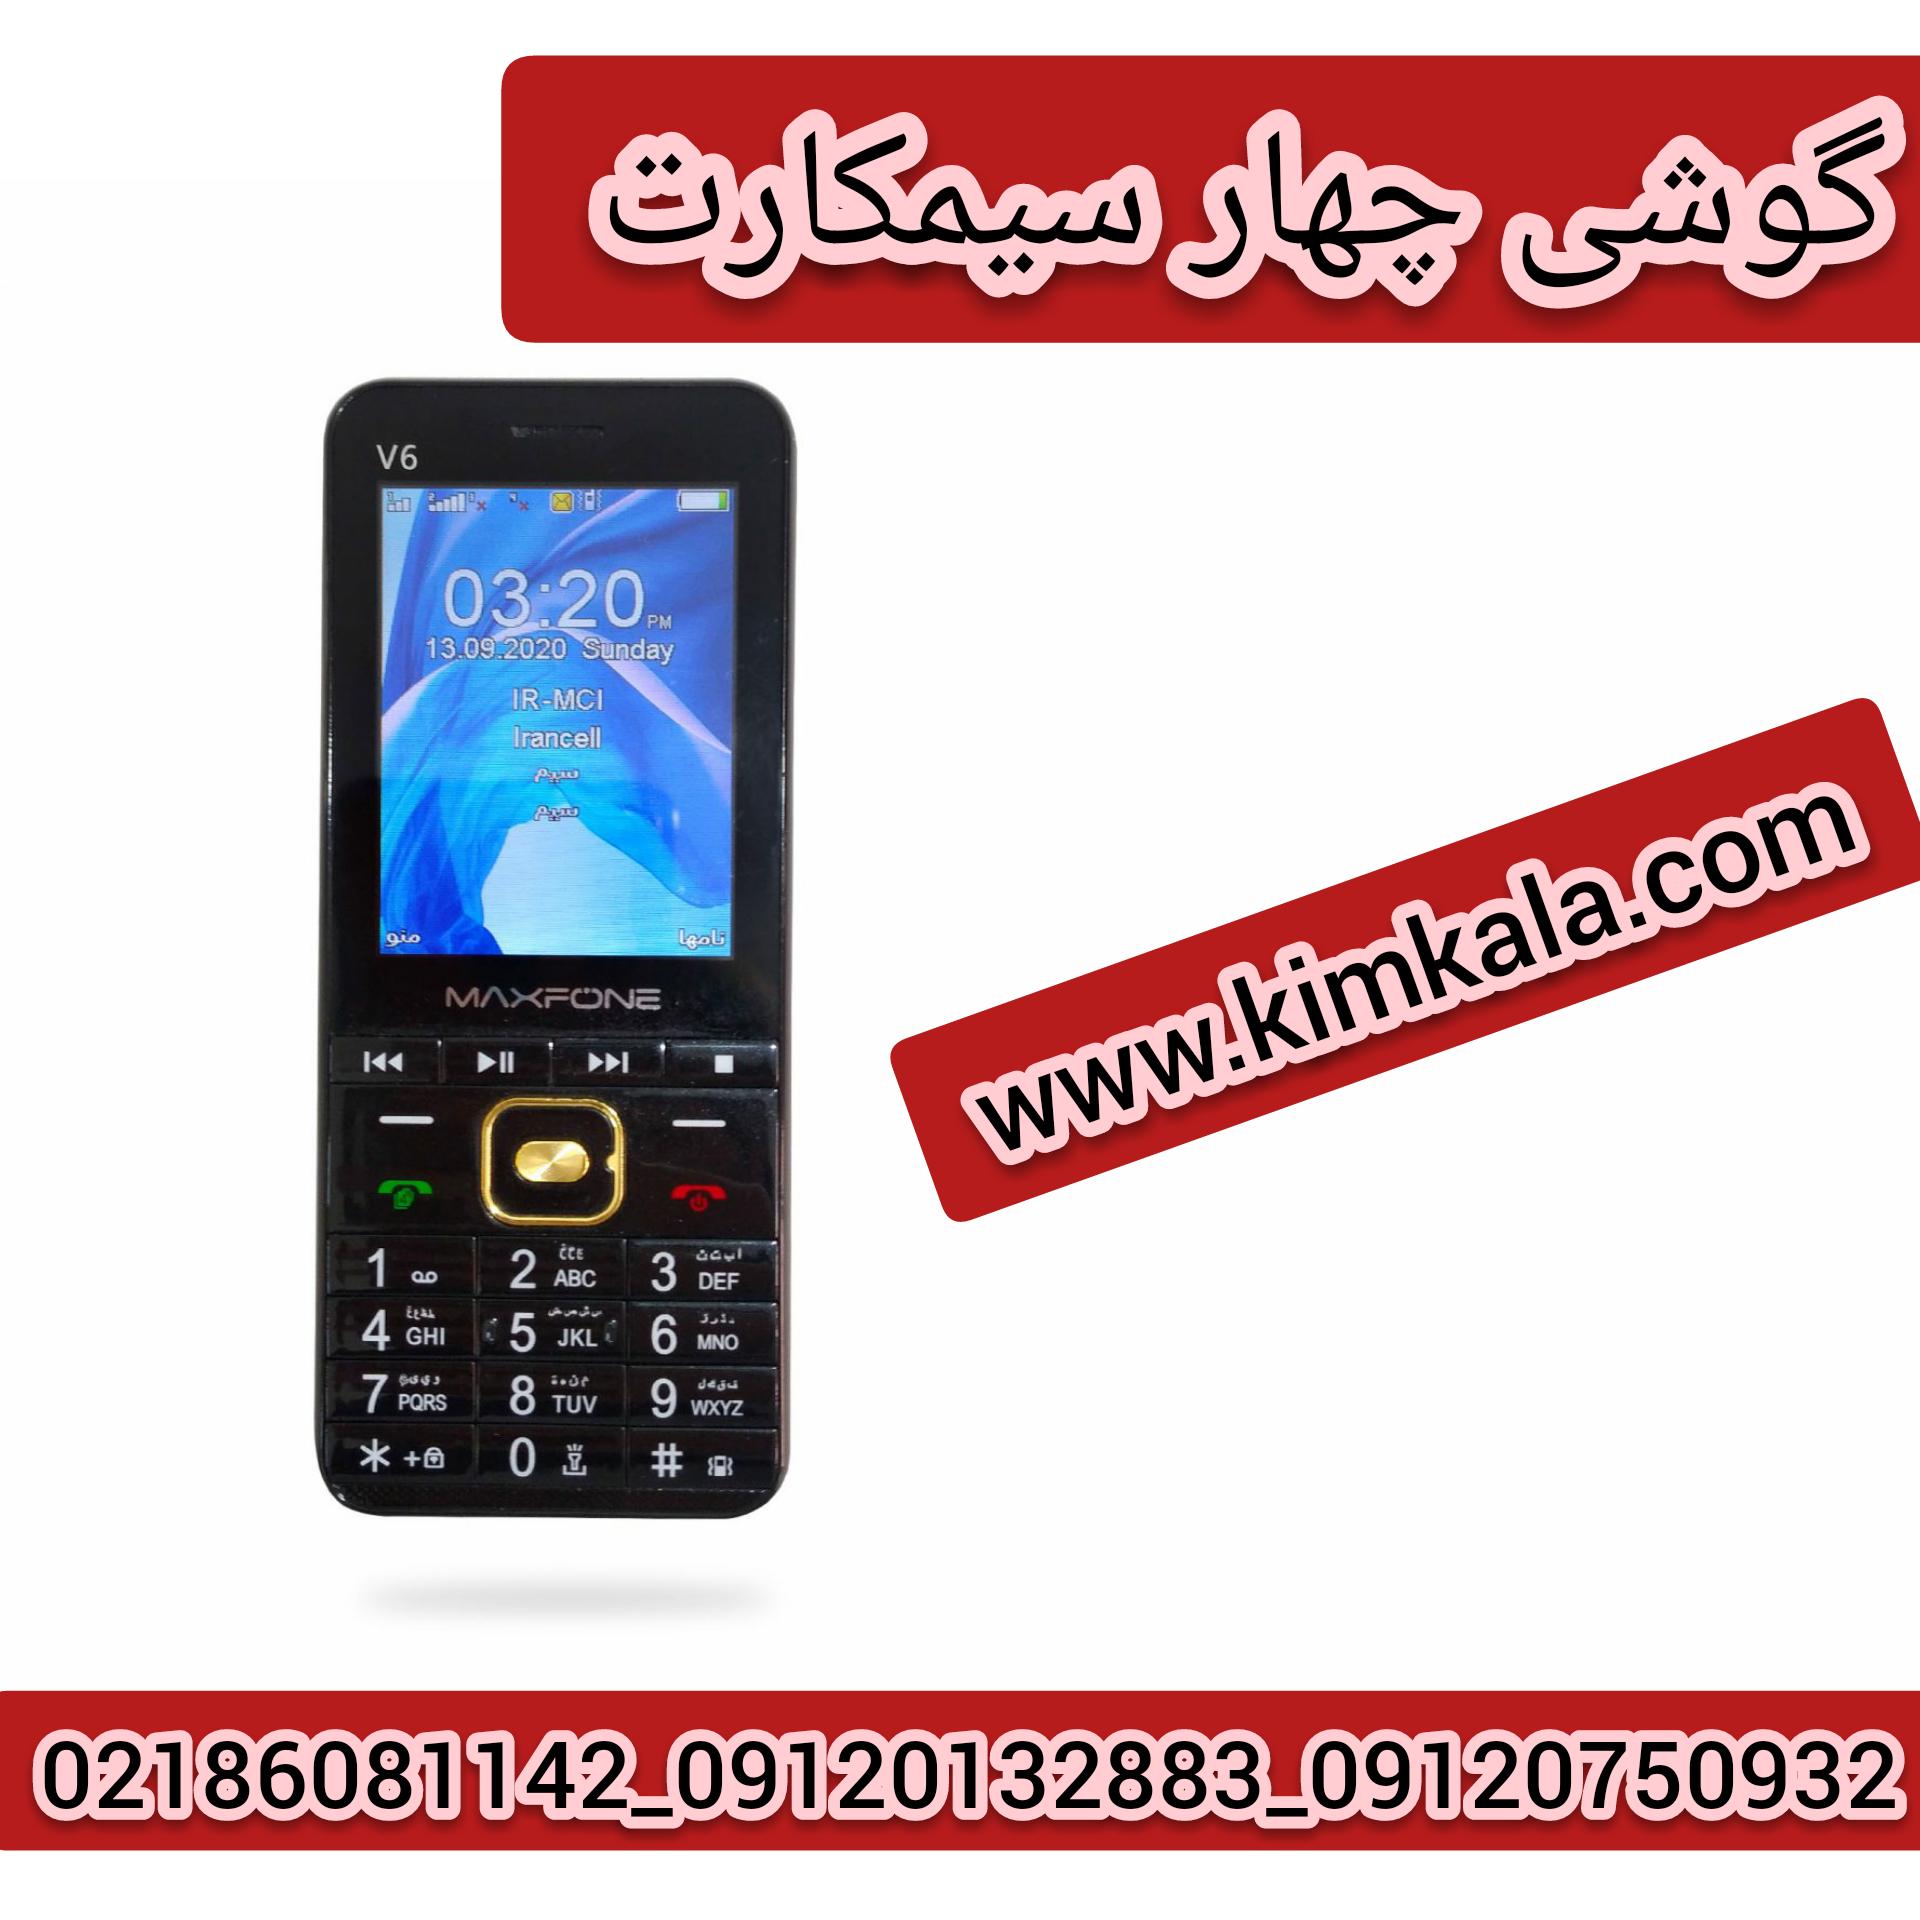 گوشی موبایل۴سیم۰۹۱۲۰۱۳۲۸۸۳/گوشی چهار سیمکارتی